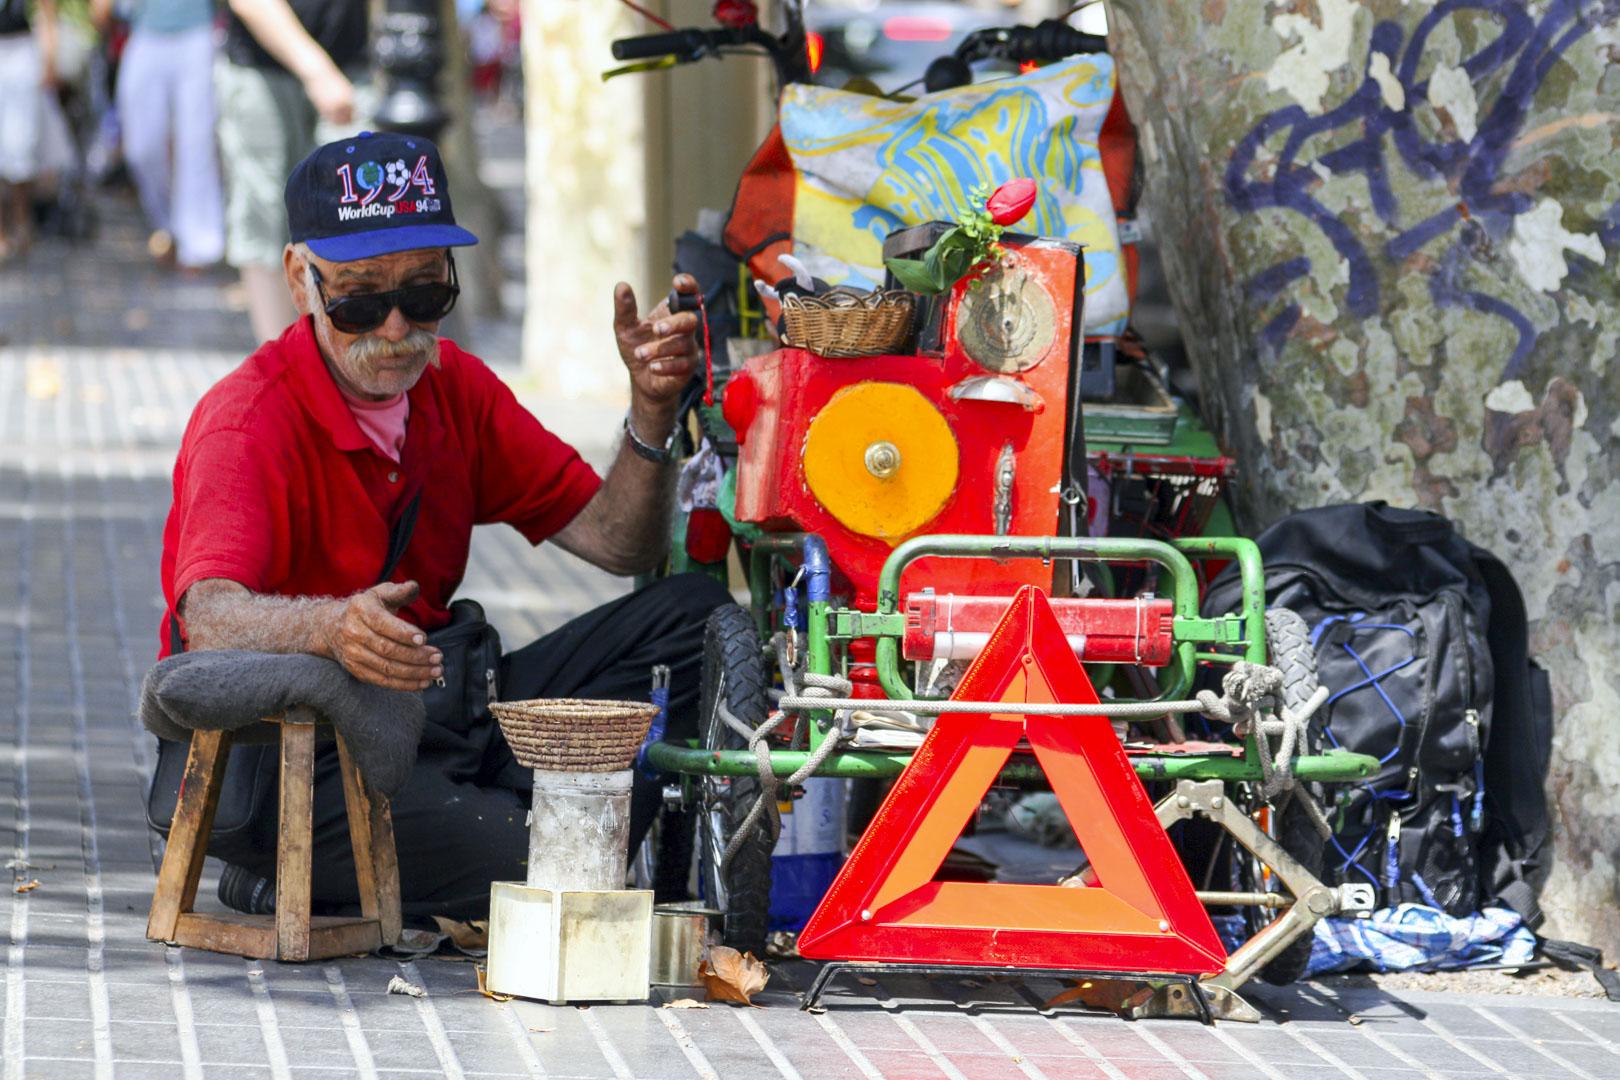 Las Ramblas Street Performers in Barcelona, Spain